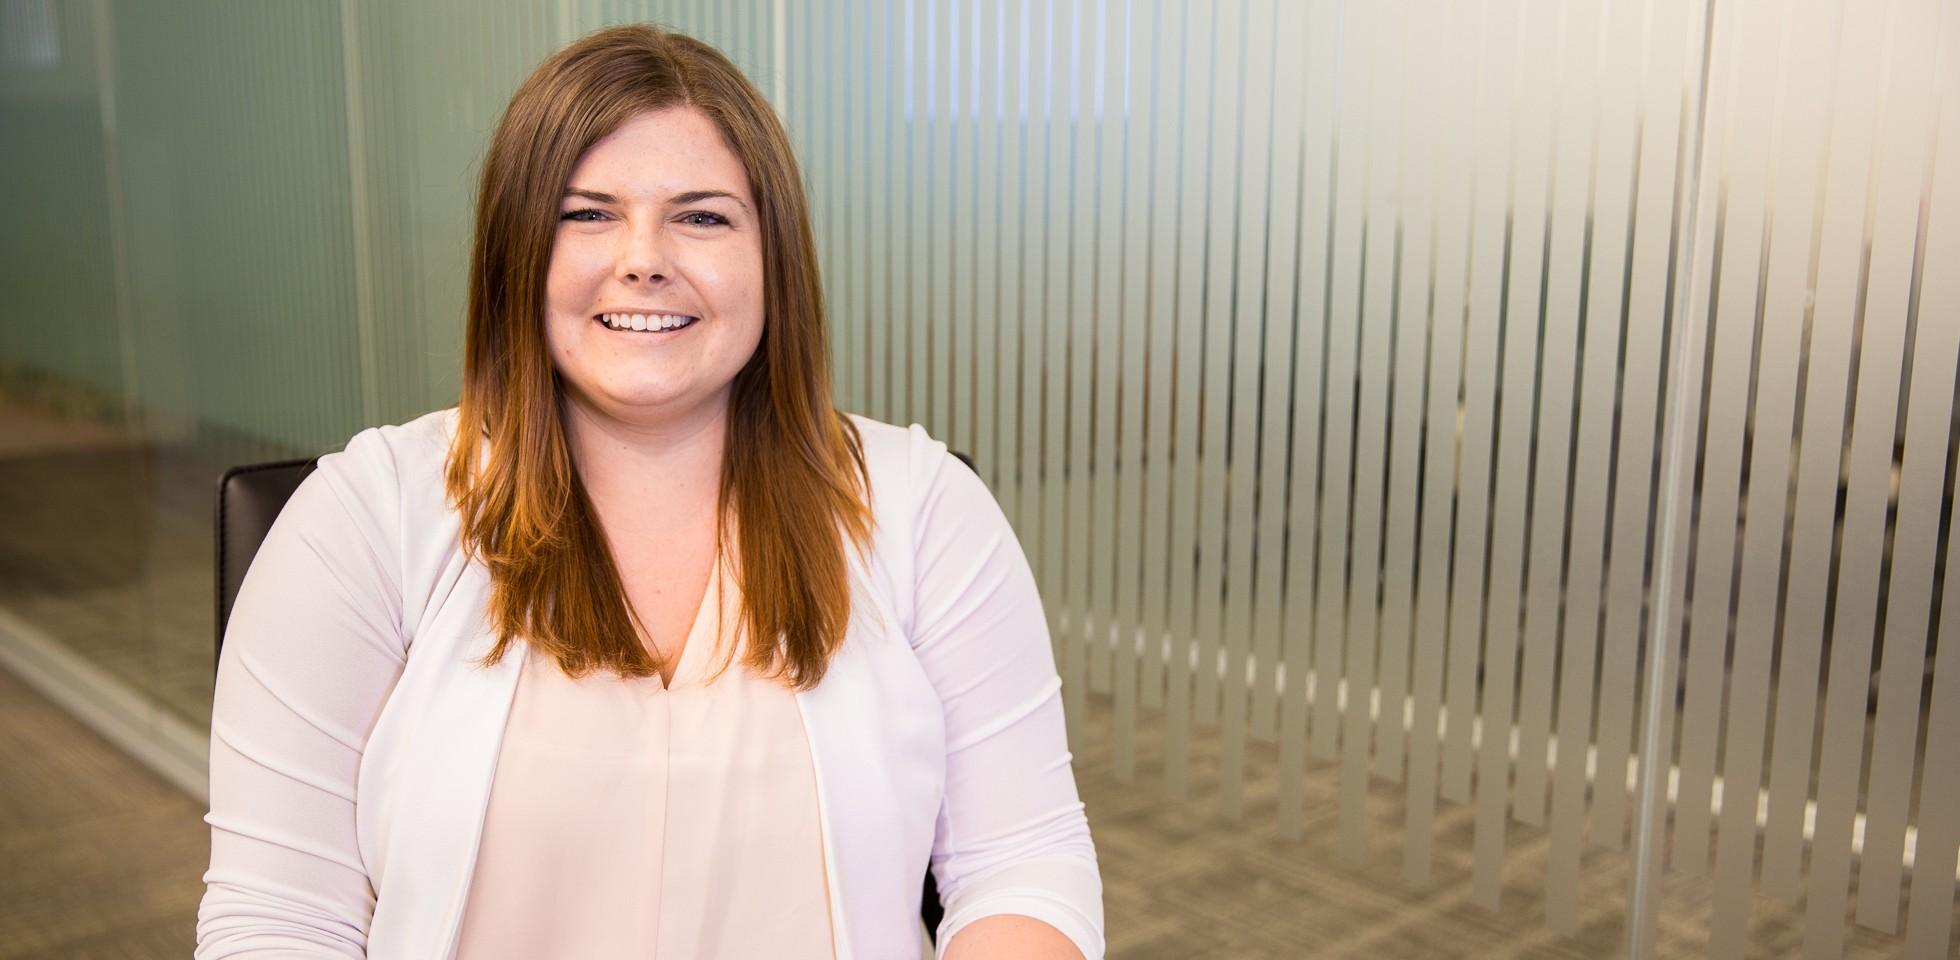 Lauren C, Surplus Lines Coordinator - Marsh & McLennan Companies Careers